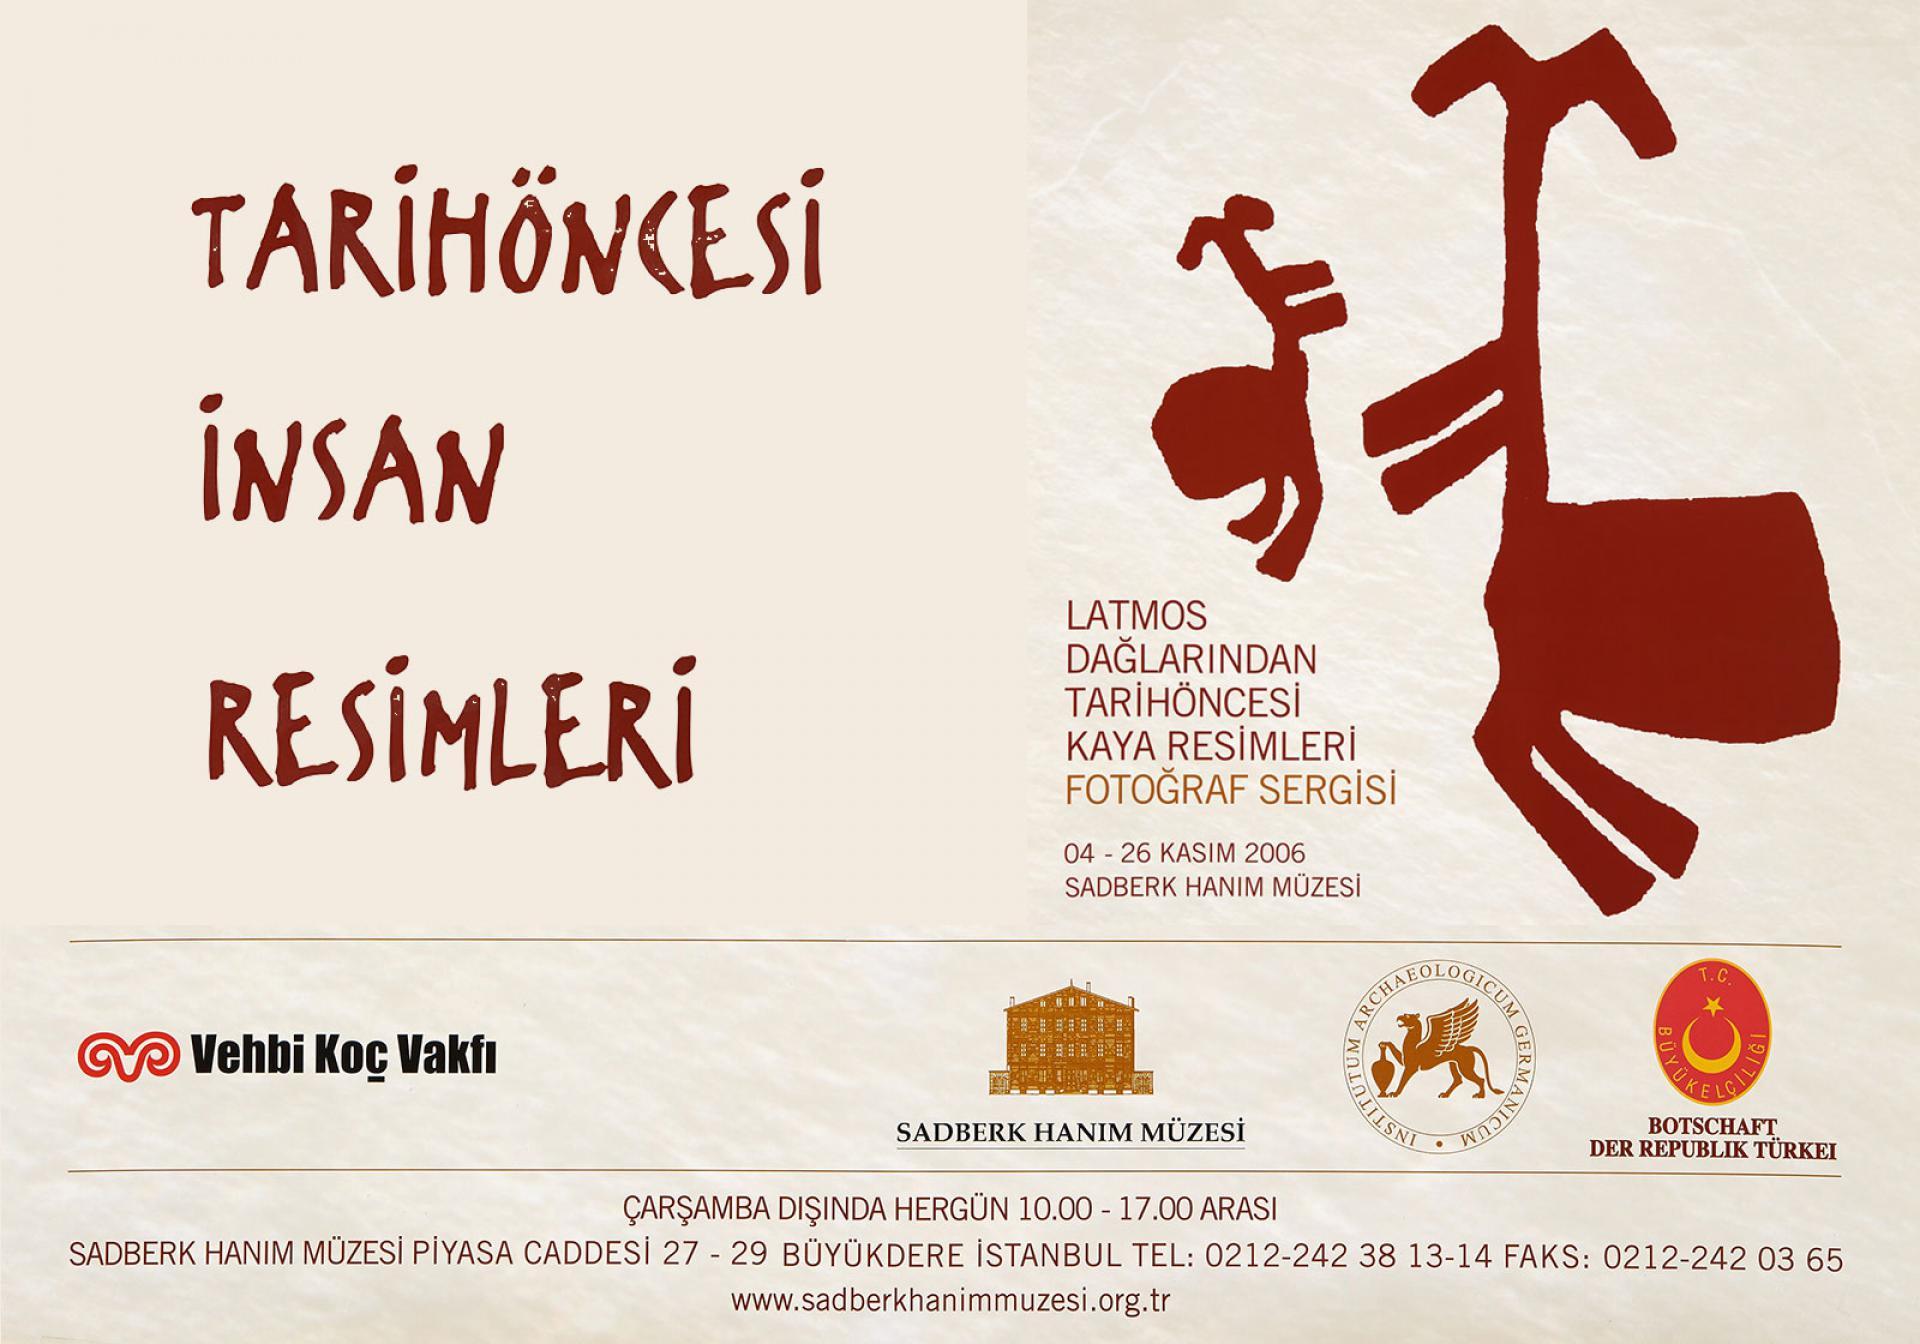 TARİH ÖNCESİ İNSAN RESİMLERİ - SERGİLER - Sadberk Hanım Müzesi